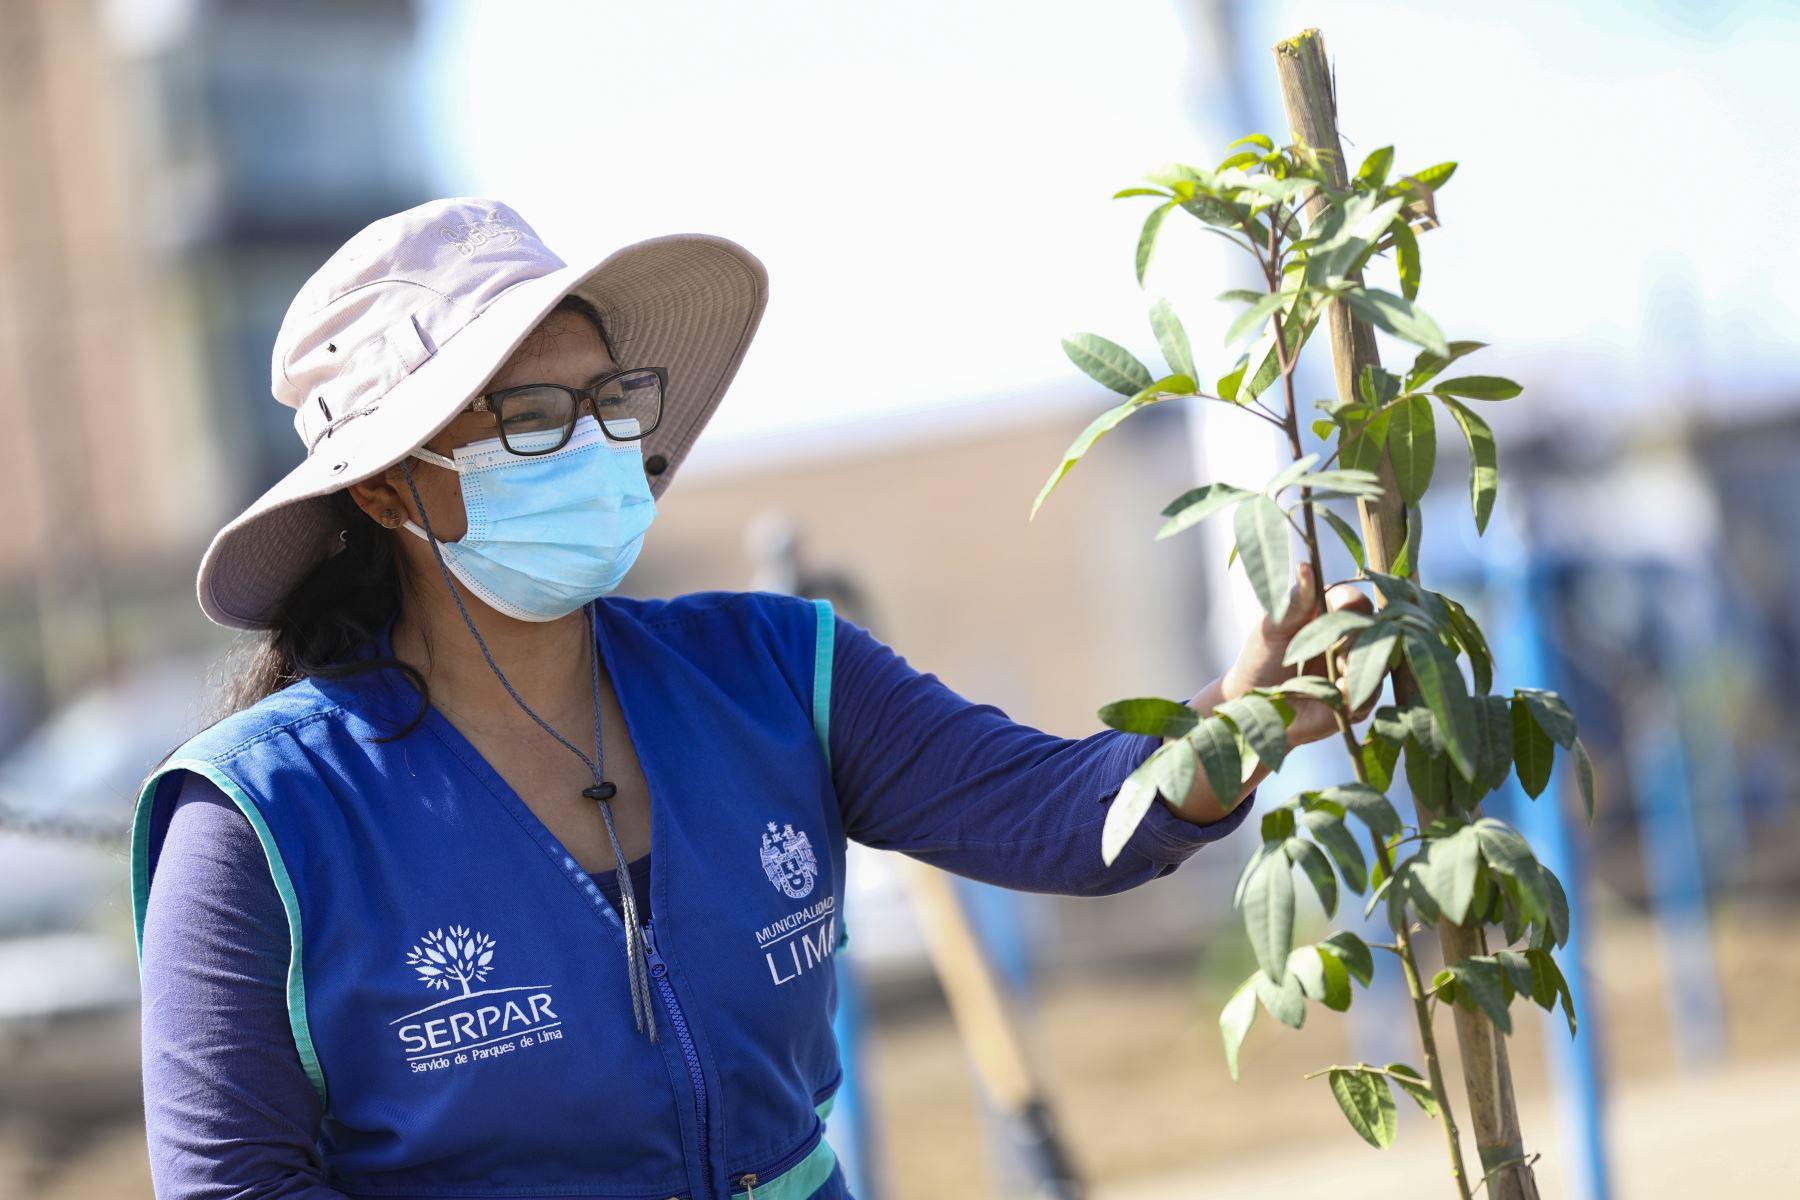 Municipalidad Metropolitana de Lima  realiza plantado de 200 árboles en el distrito de Villa el Salvador. Foto: Municipalidad de Lima